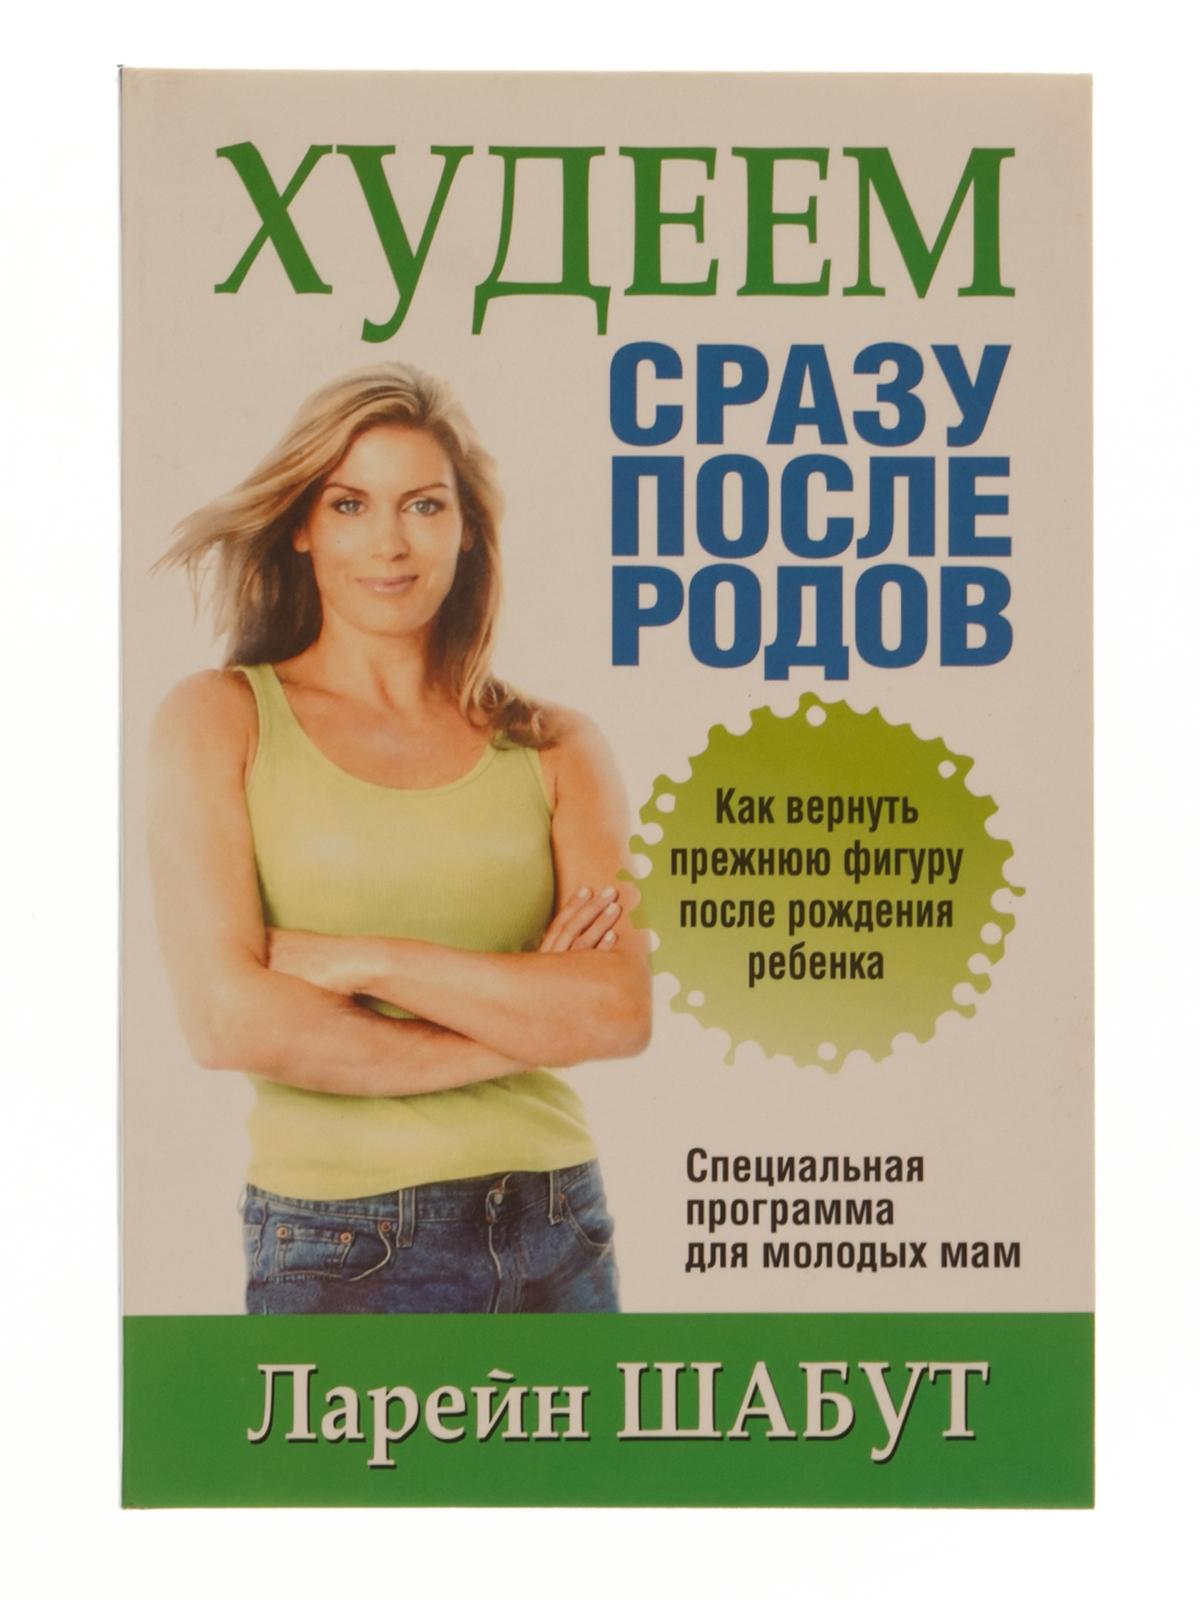 Программы Похудения Психология.